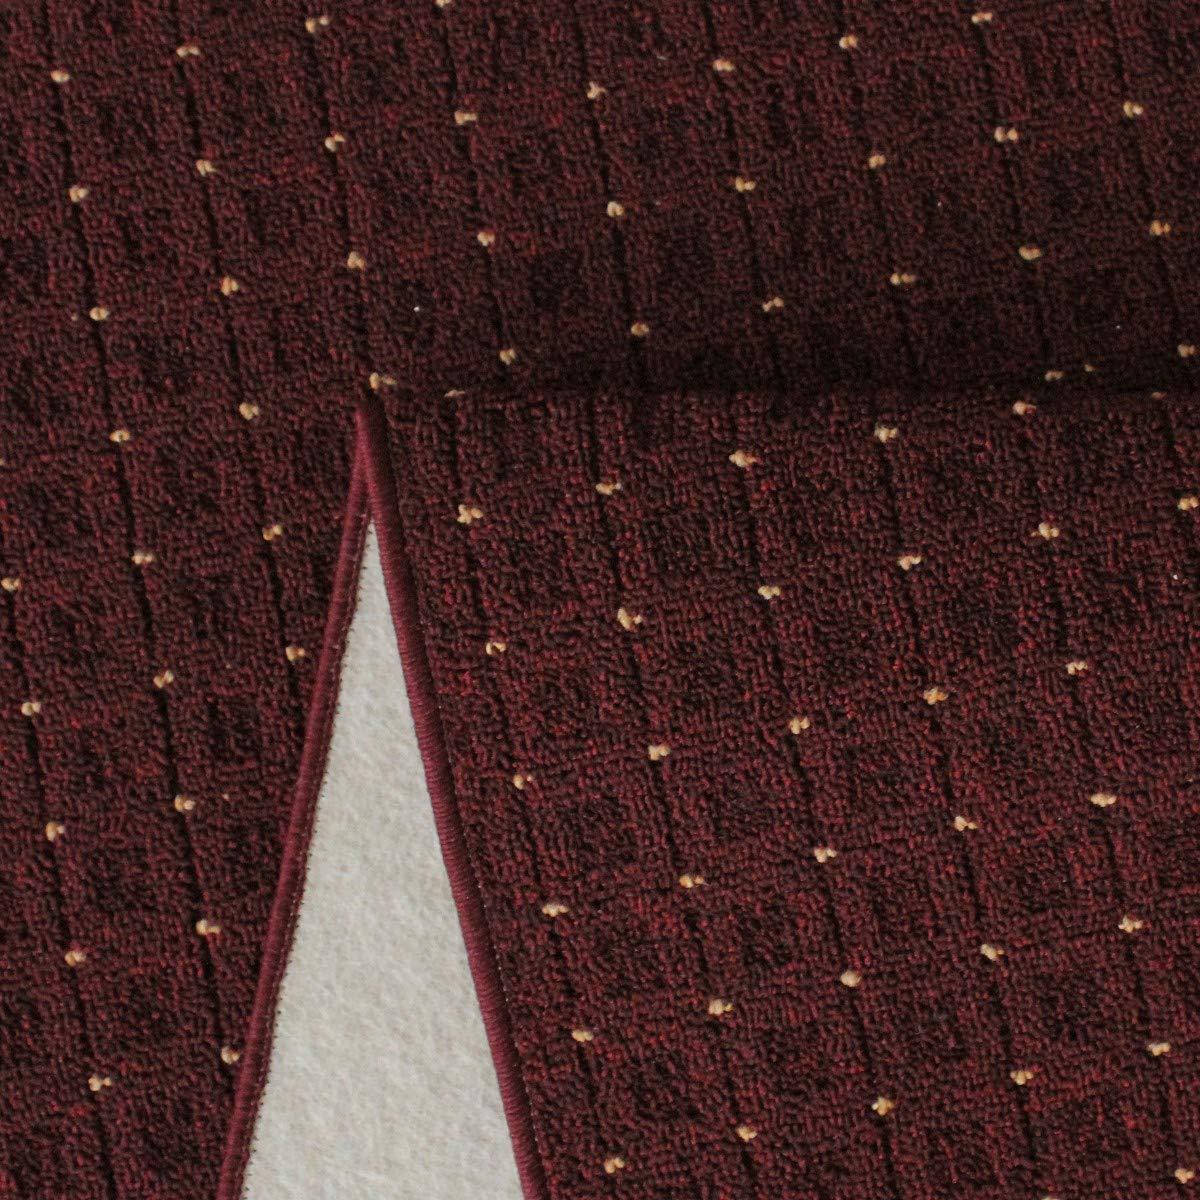 Havatex Schlingen Teppich Cambridge - Farbe Farbe Farbe wählbar - Geprüfte Qualität  schadstoffgeprüft pflegeleicht robust   für Wohnzimmer Schlafzimmer Flure Büros, Farbe Lila, Größe 300 x 400 cm B0776VNDV1 Teppiche & Lufer c91fcd